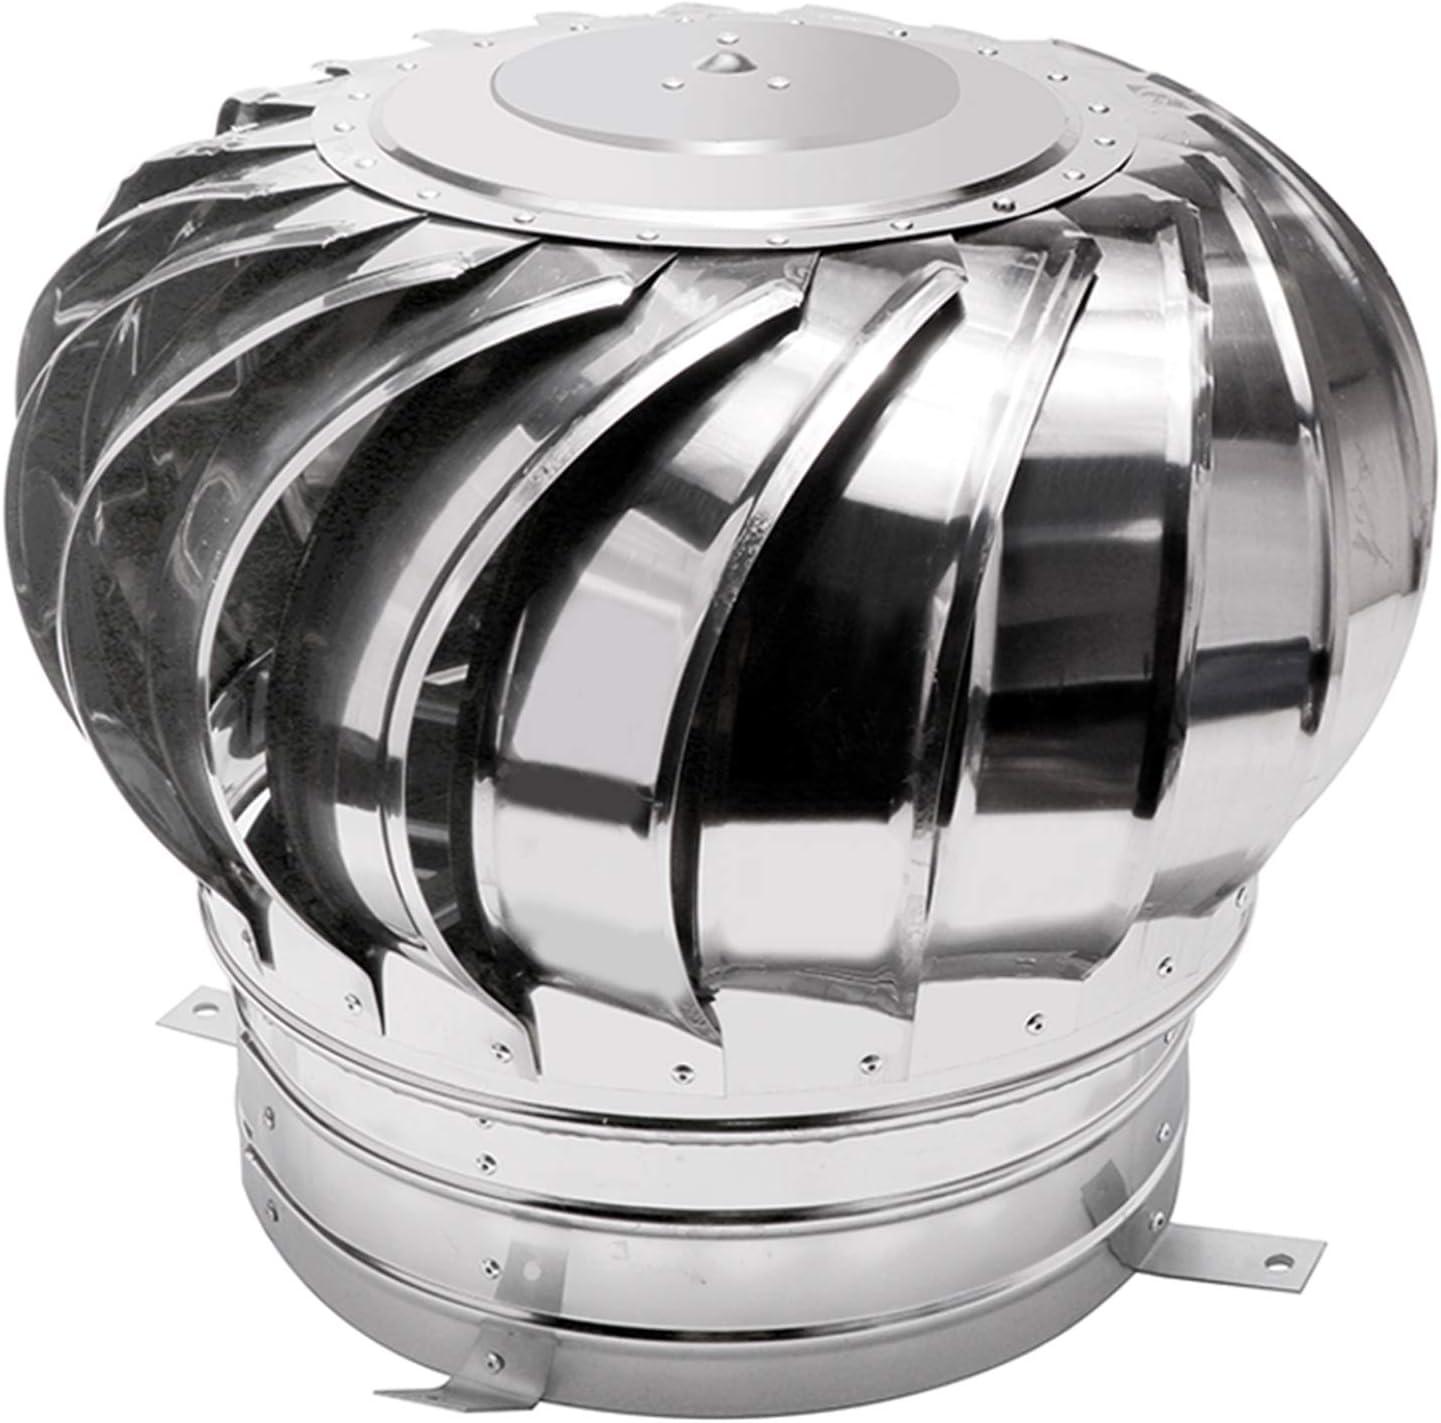 LTLJX Giratorio Extractor de Humo Pivotantes, Aspirador Sombrero eolico para chimeneas Estufa de Acero Inoxidable, Base Redonda, Todas Las Dimensiones,300mm